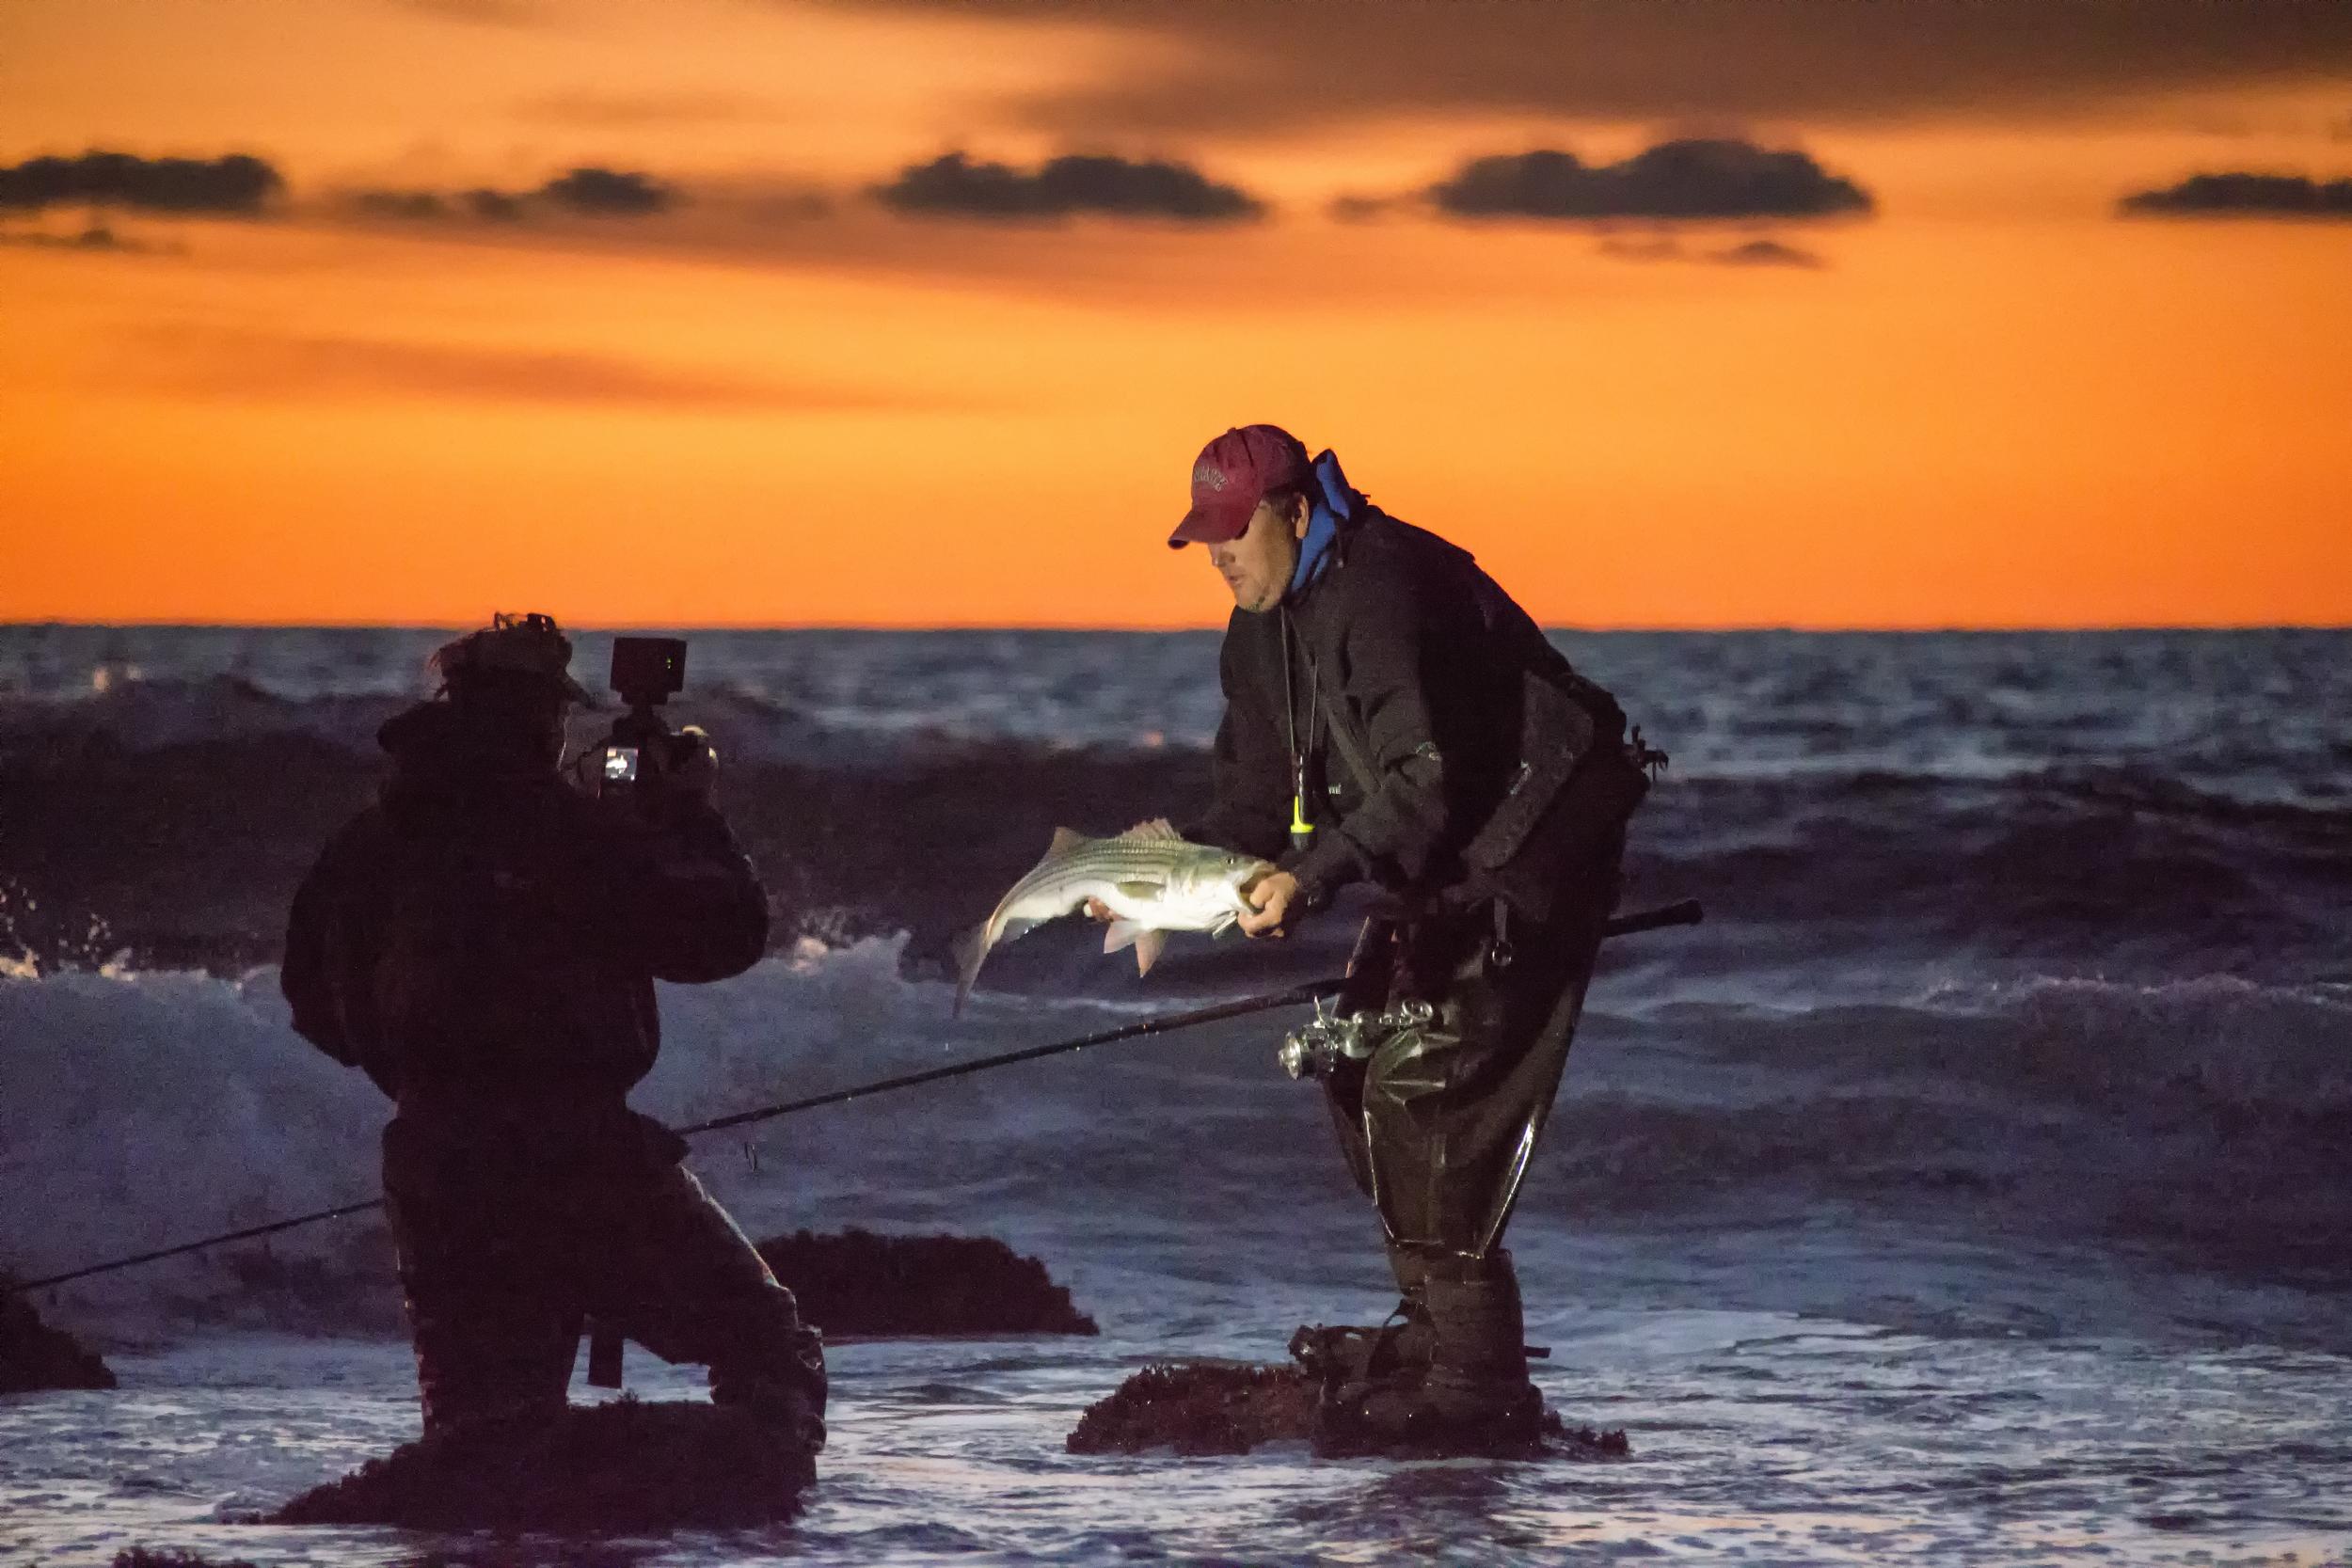 bil fish sunrise show.jpg